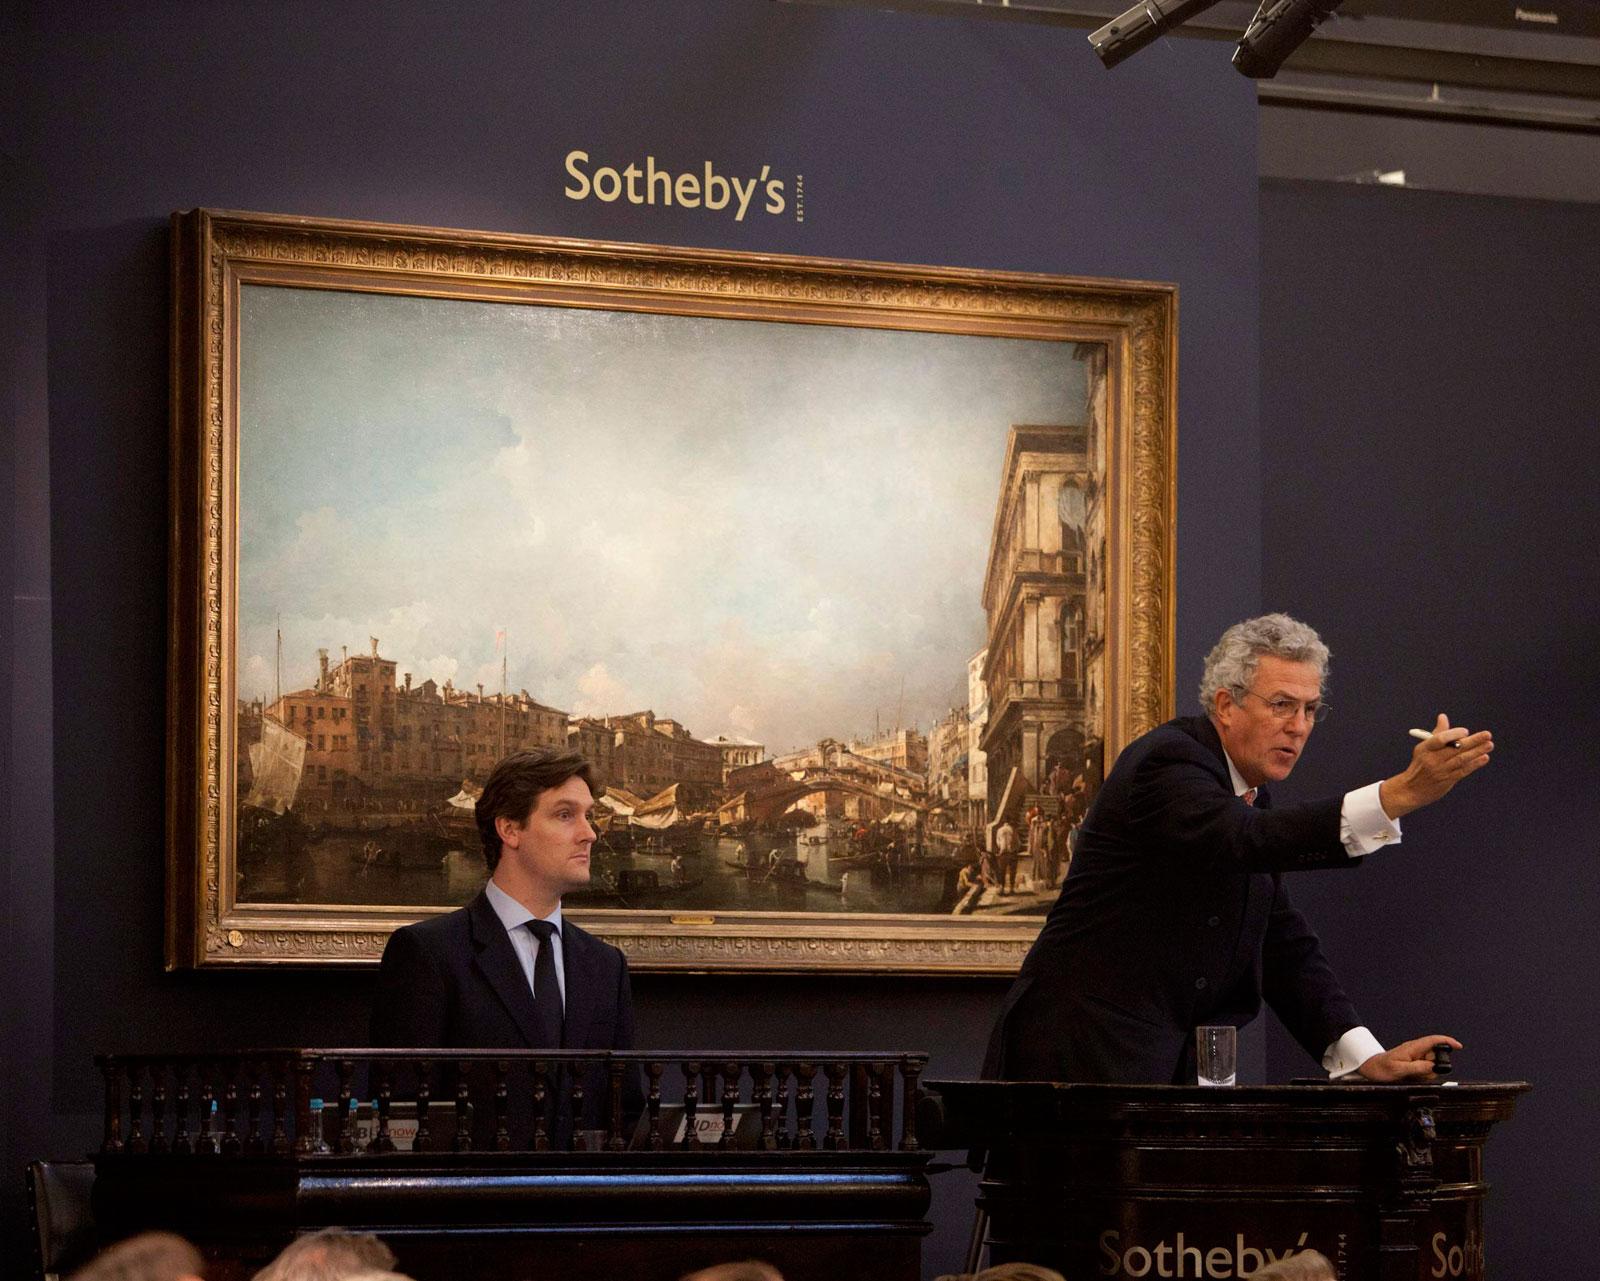 Steve Wyndham, Sotheby's, przybija młotek, potwierdzając sprzedaż obrazu Francesco Guardiego. Źródło: www.melancaster1204.wordpress.com